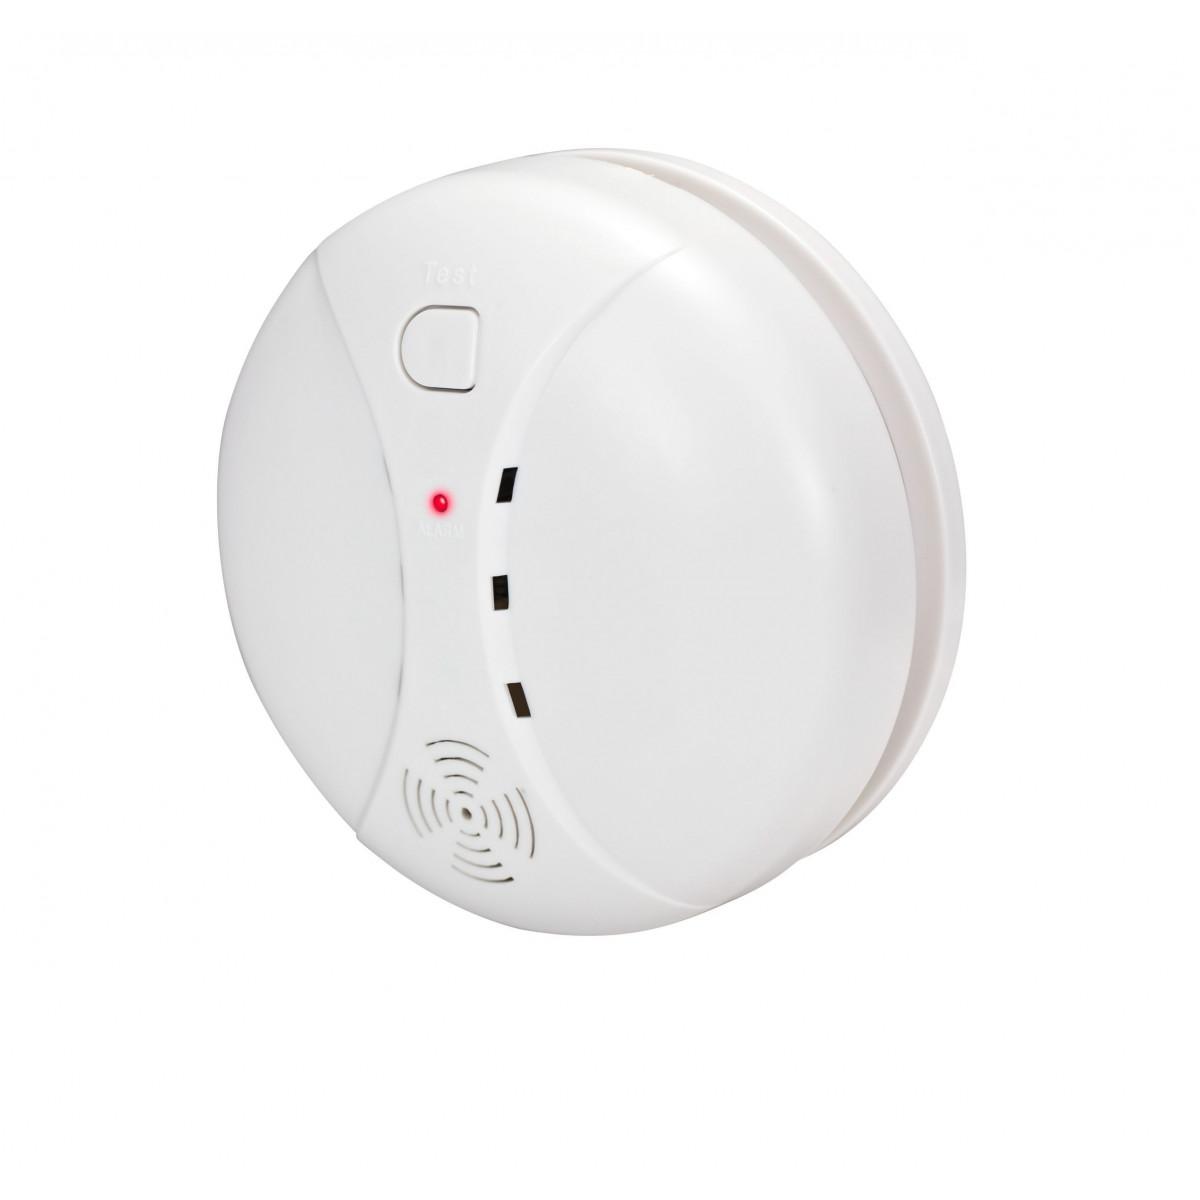 Czujnik dymu i temperatury Wi-fi Guardian